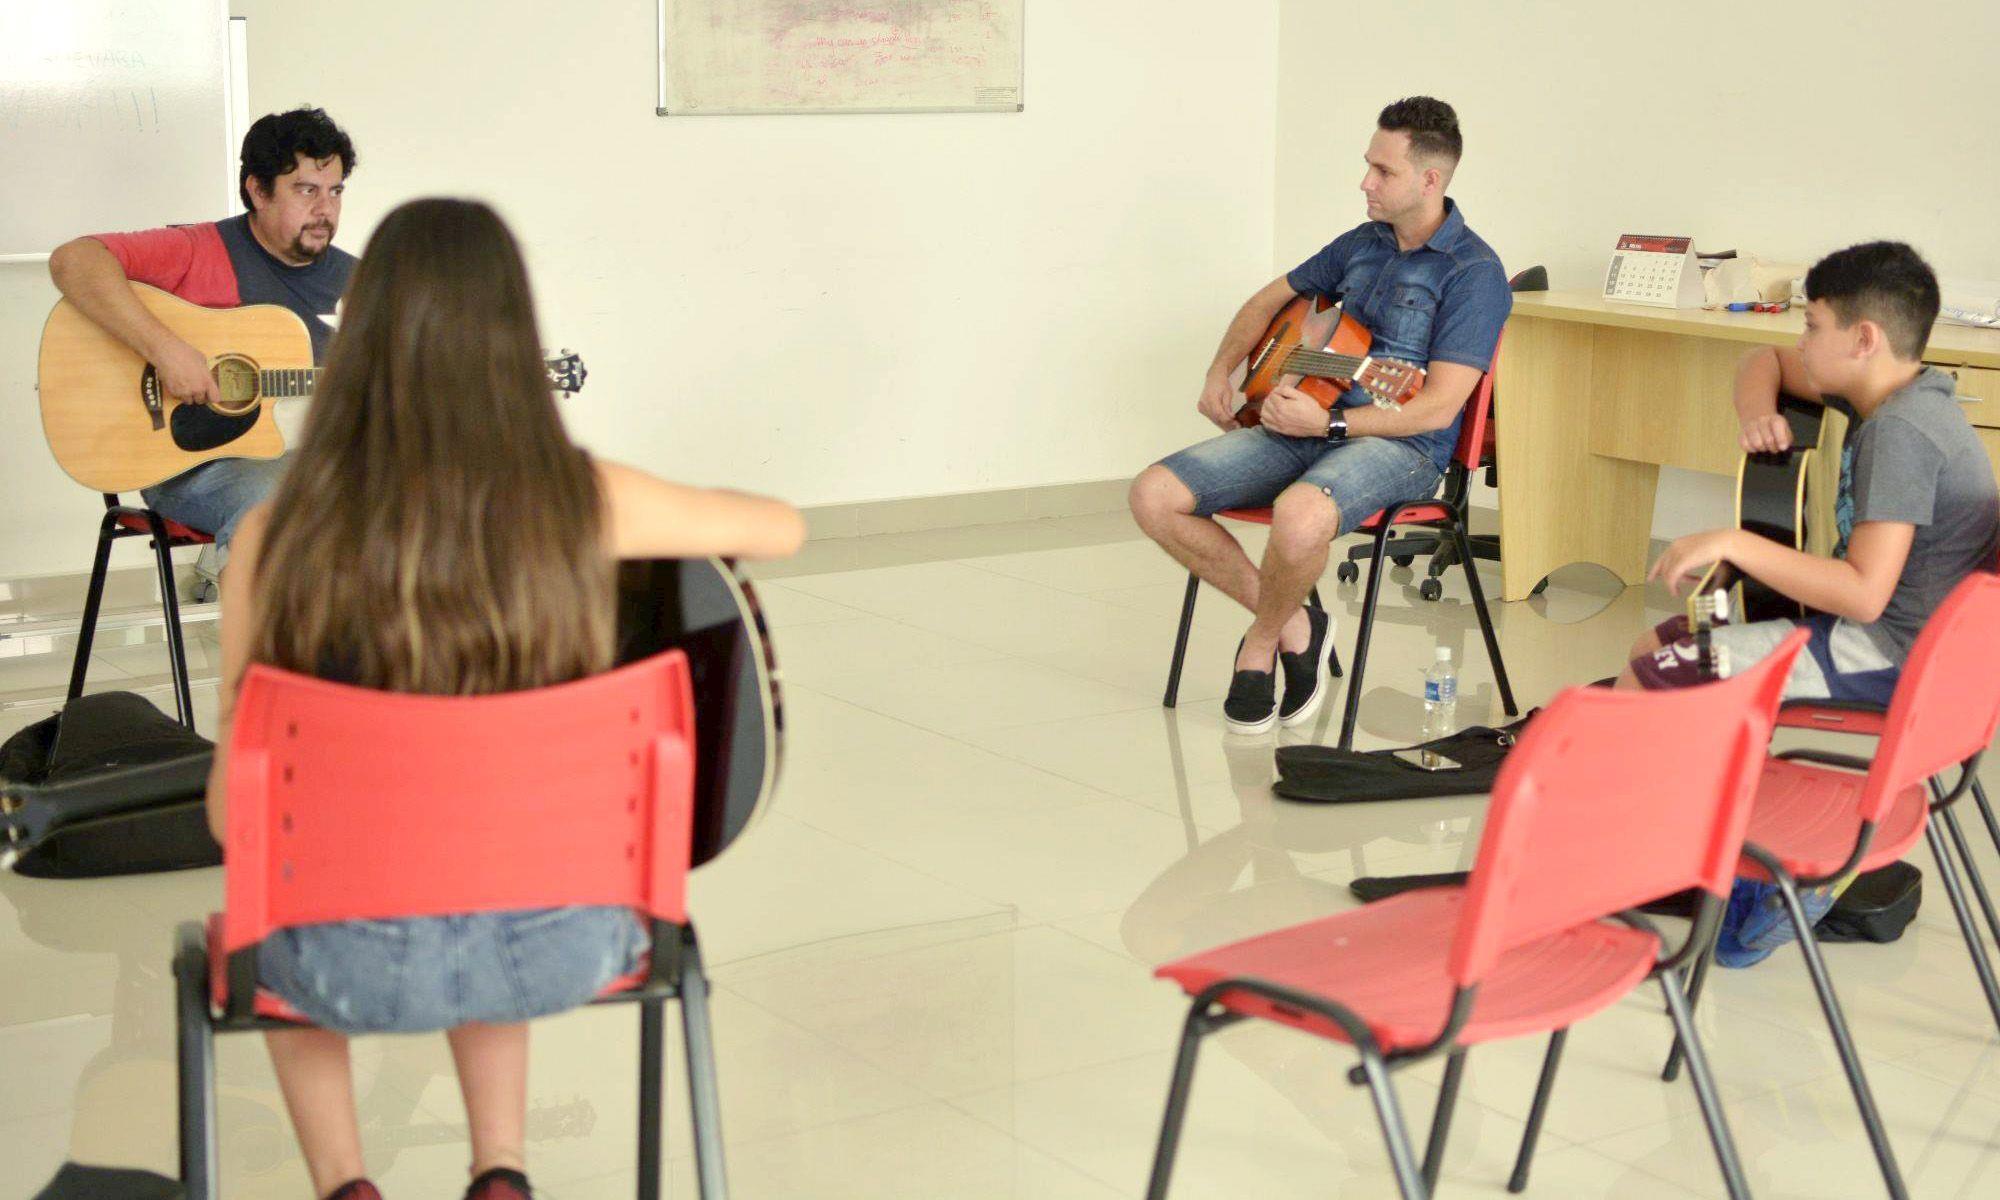 curso, aula, violão, rolando, Foguinho/Imprensa SMetal